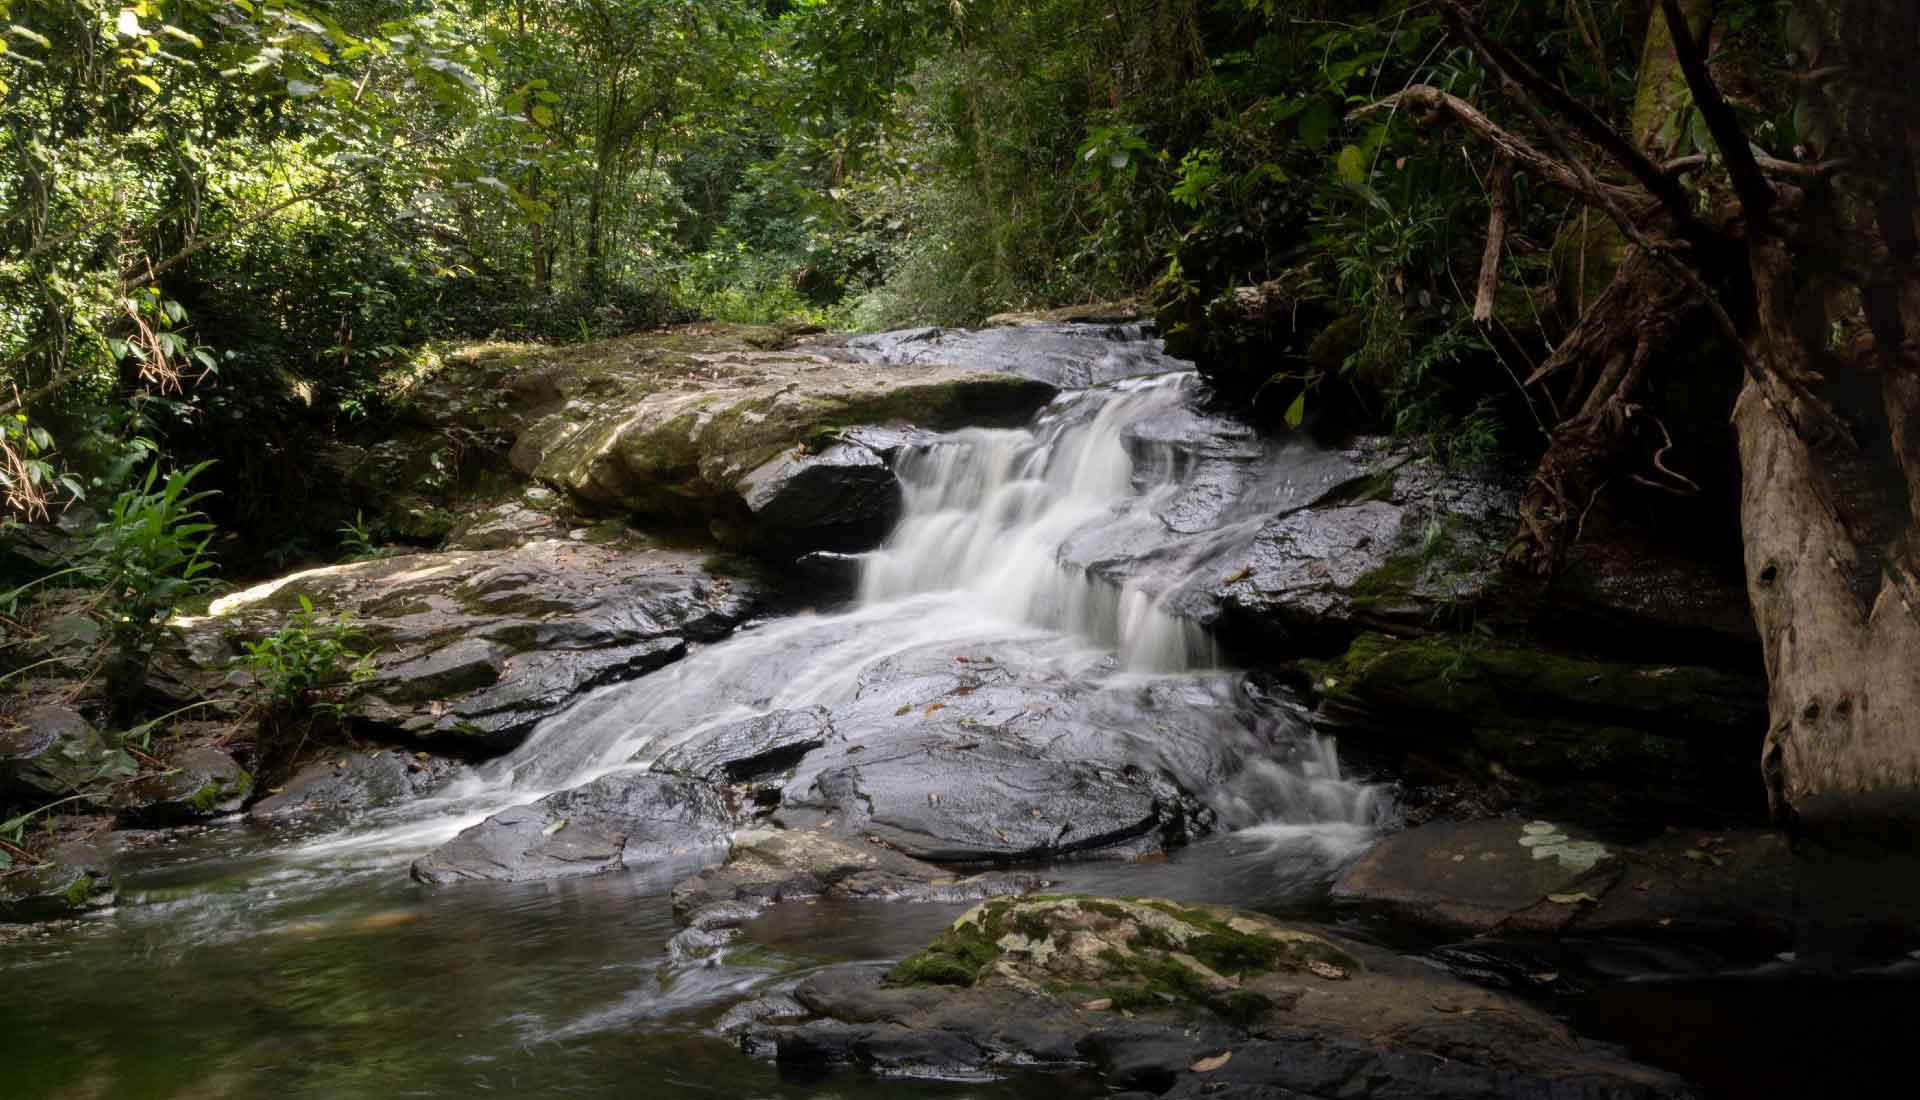 Cachoeira de Veadas